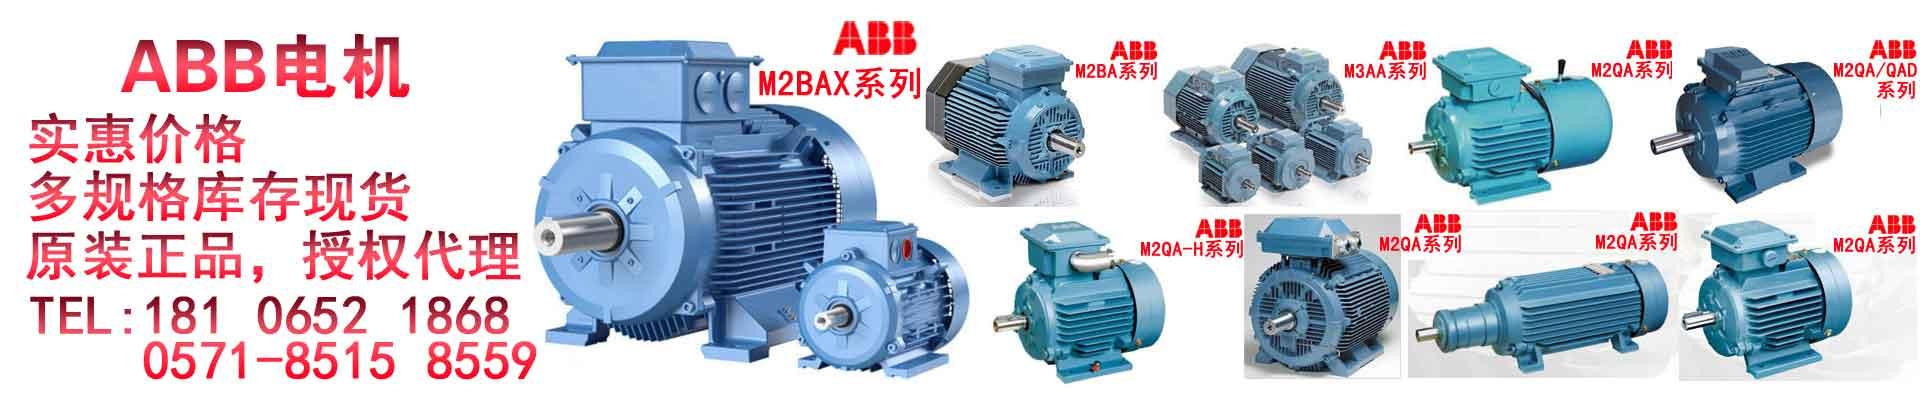 ABB低压电机